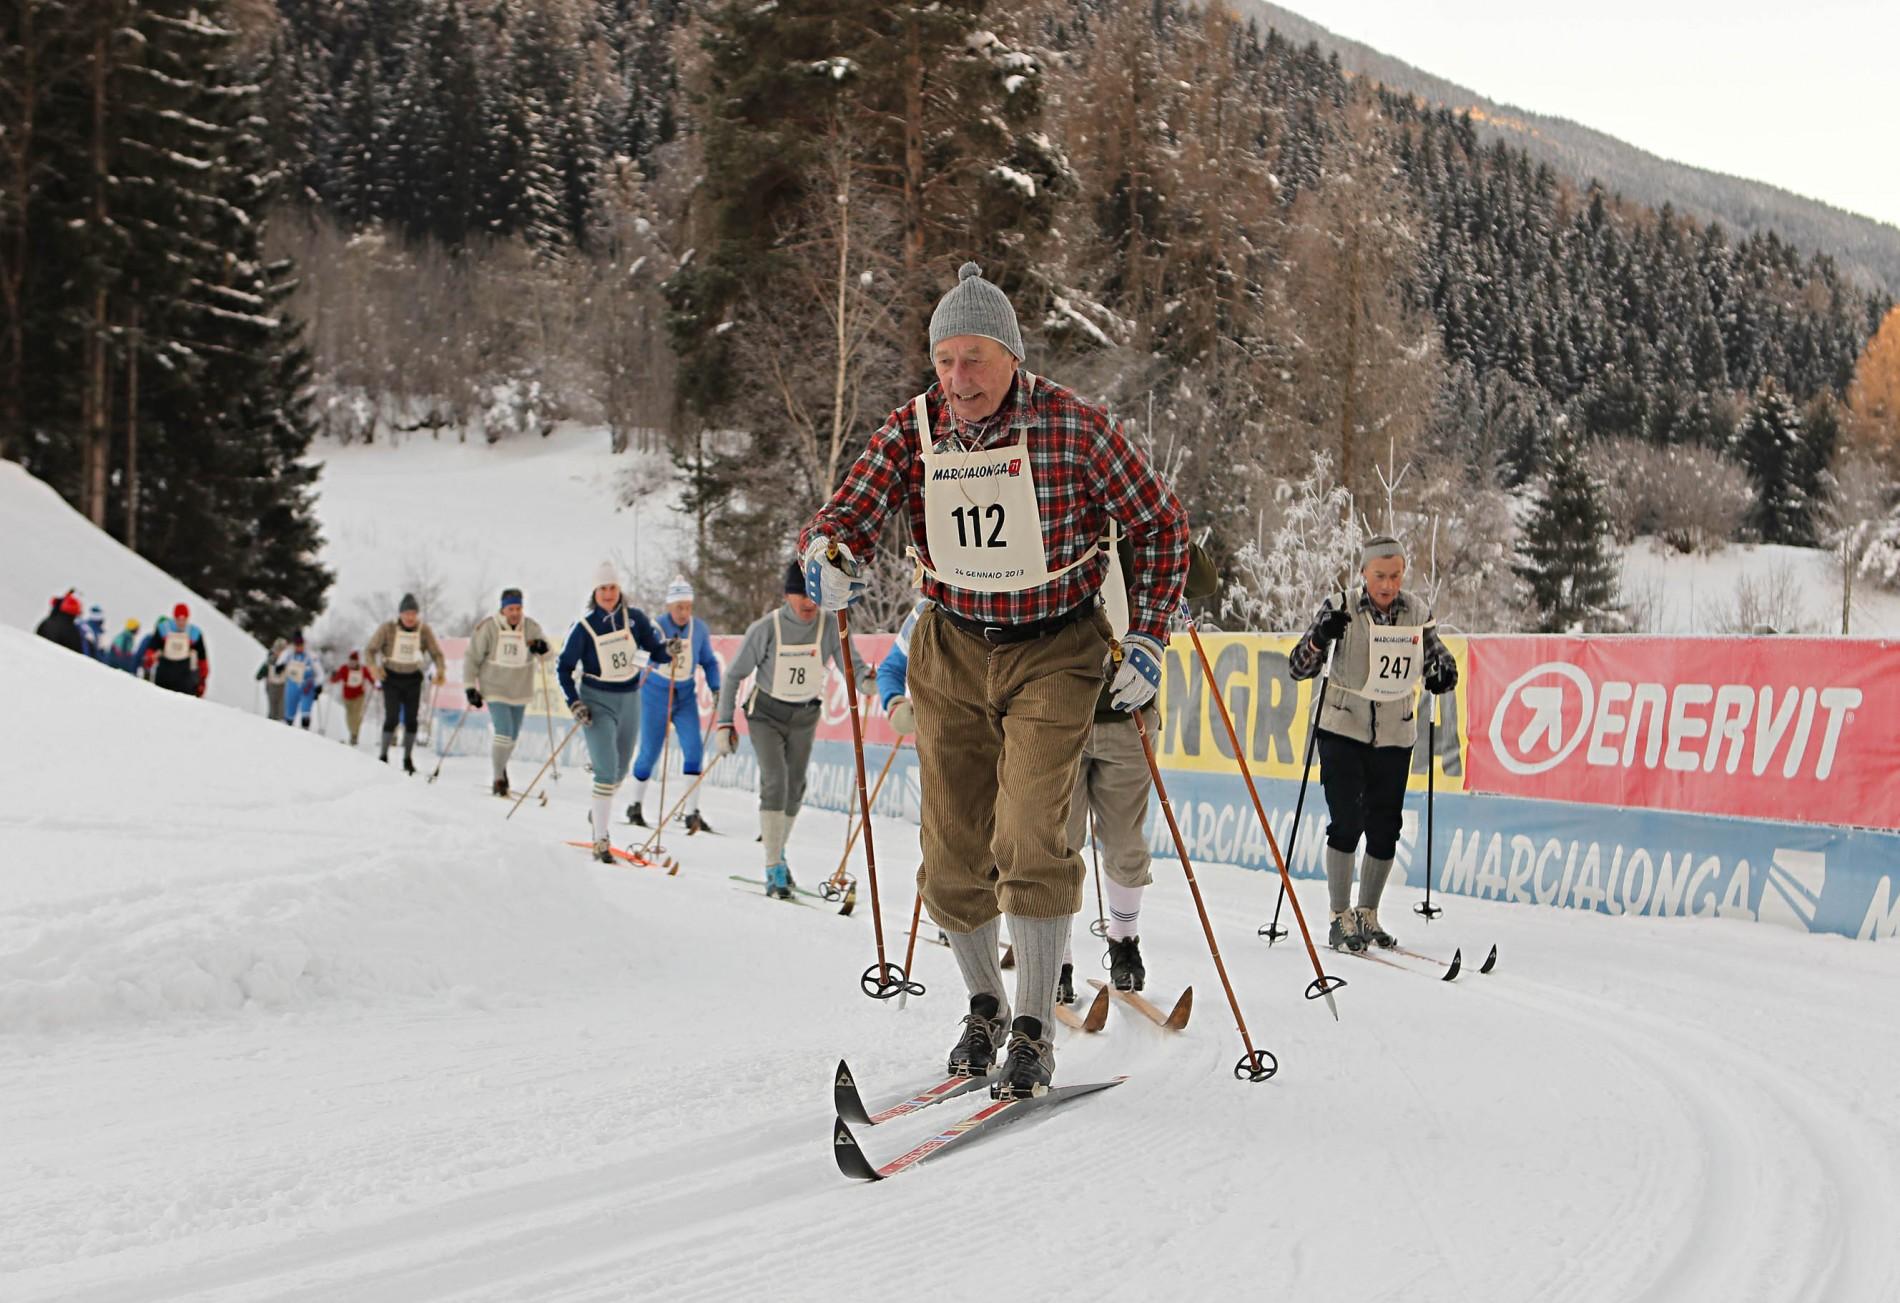 La manifestazione trentina è una delle perle dello sci di fondo mondiale